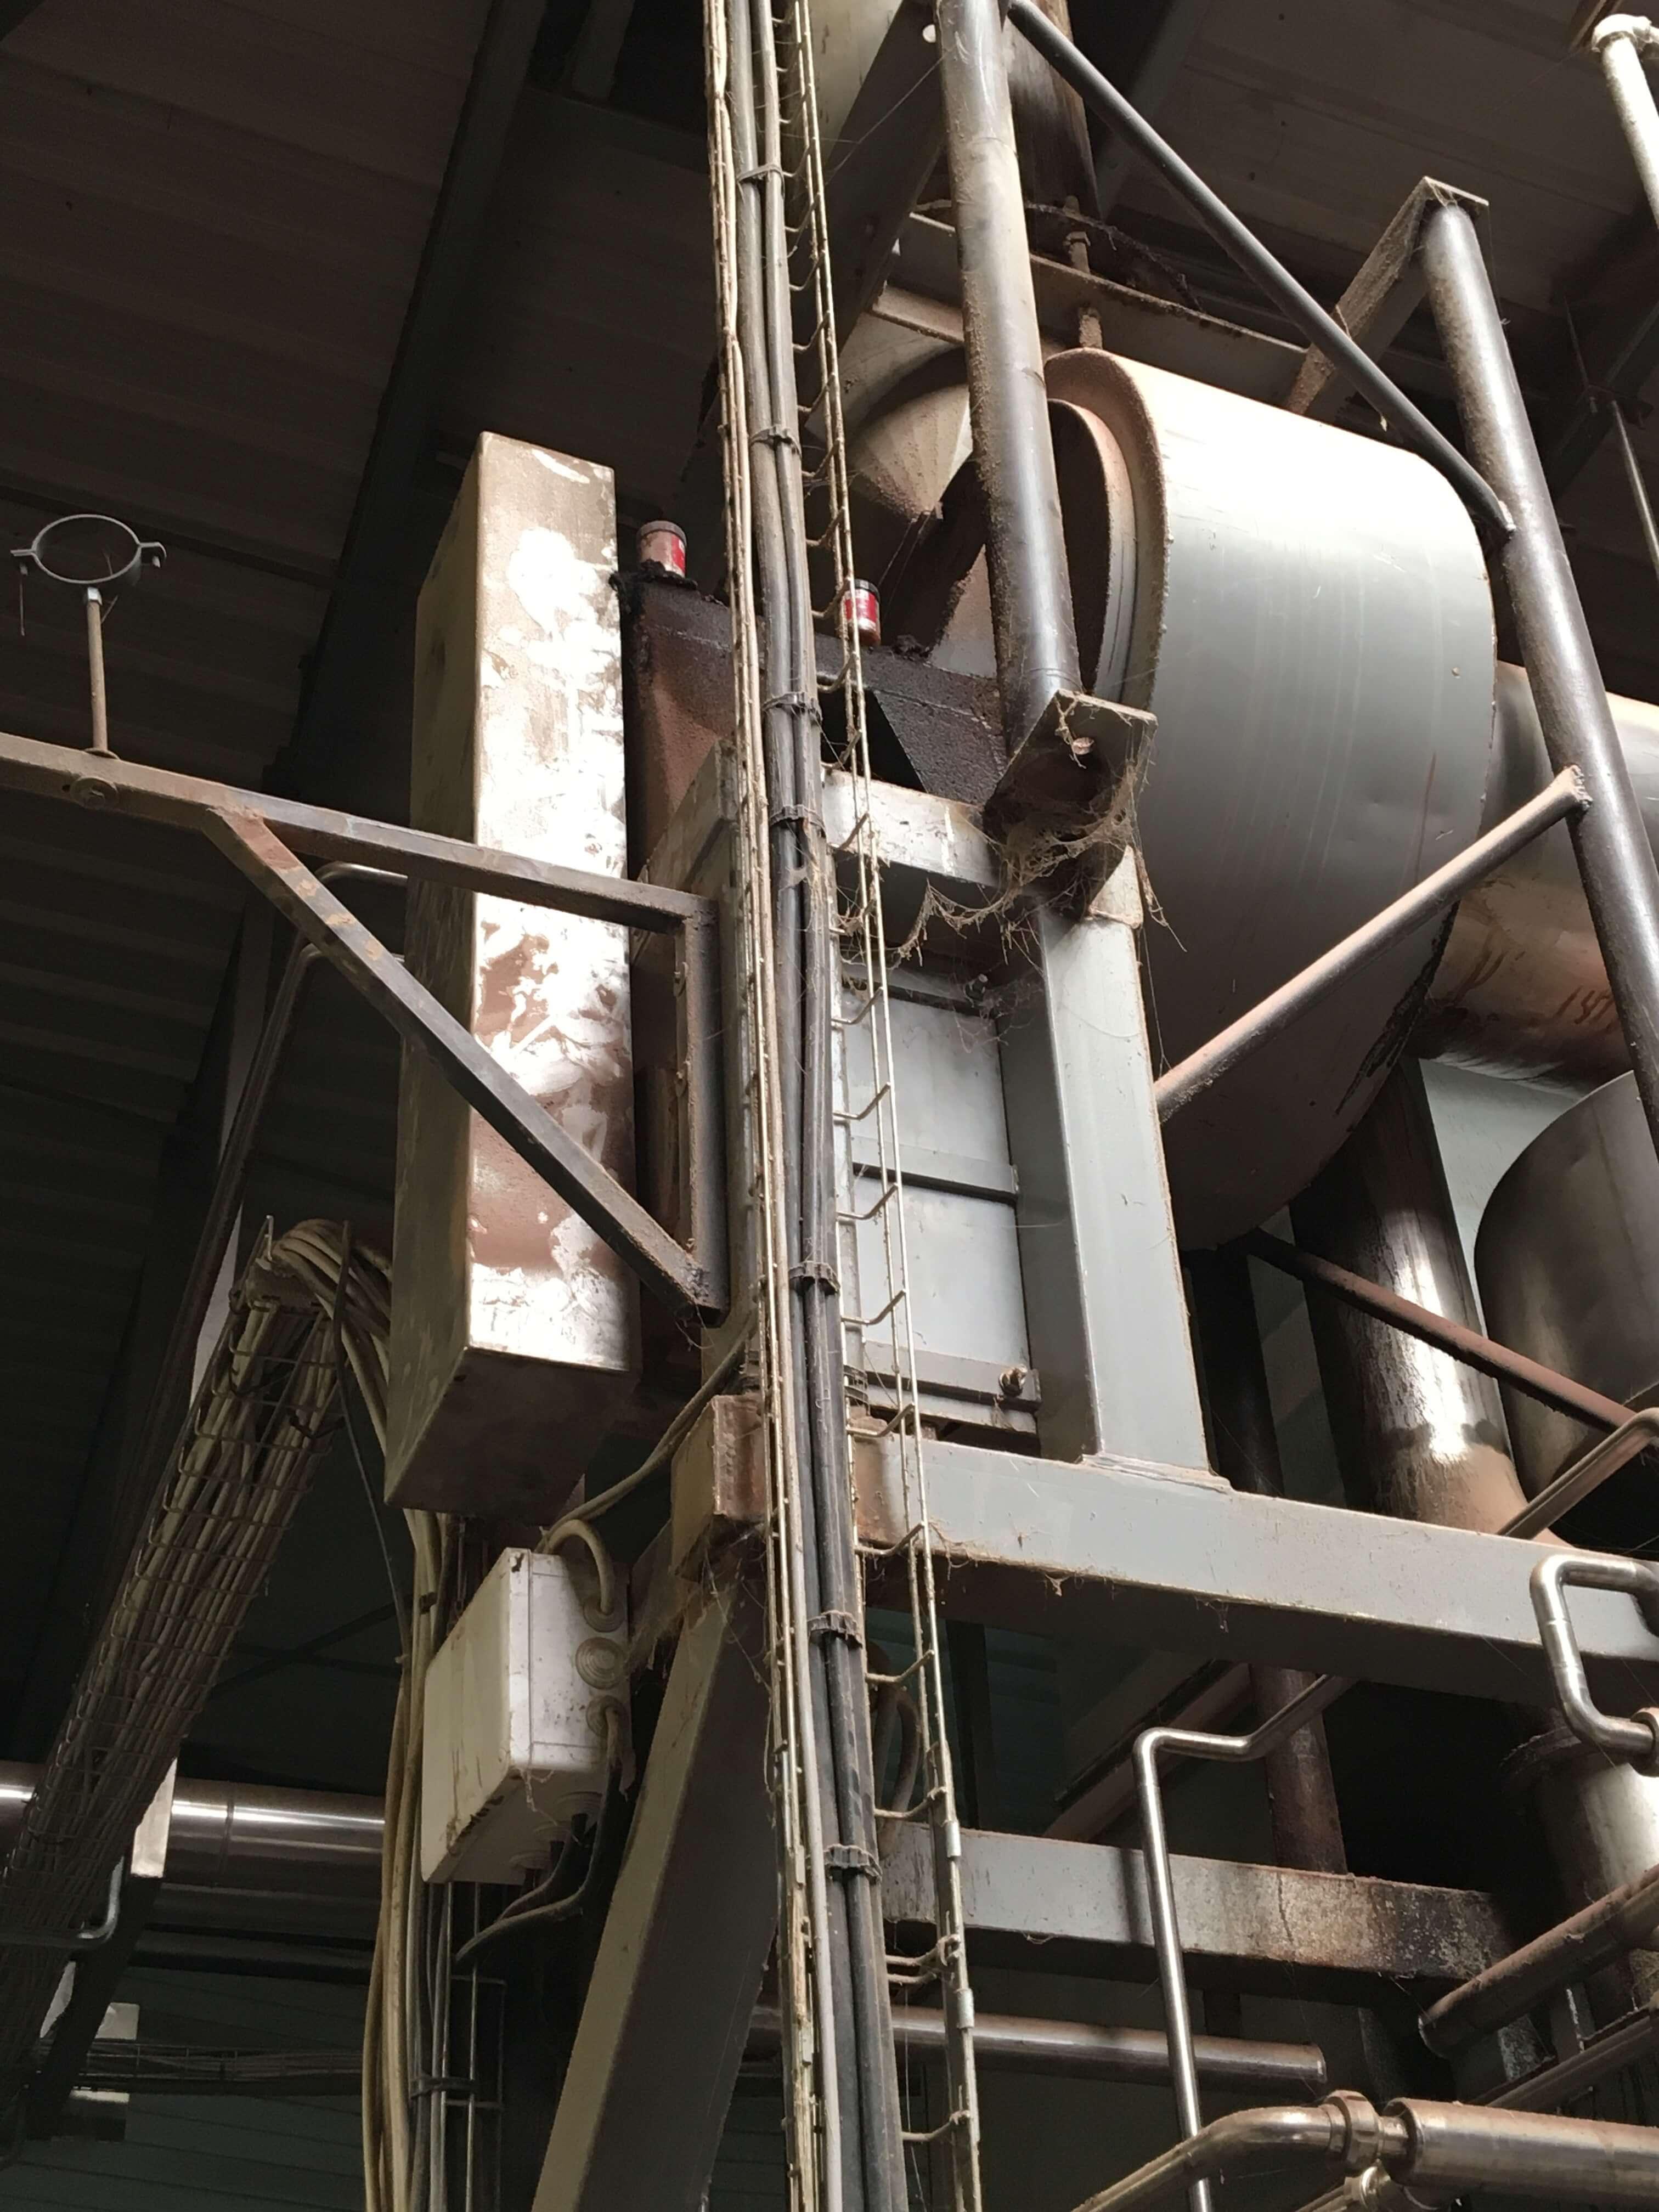 Montage, démontage d'éléments mécano soudé, de machines en milieu industriel Cholet 49 MAINE ET LOIRE